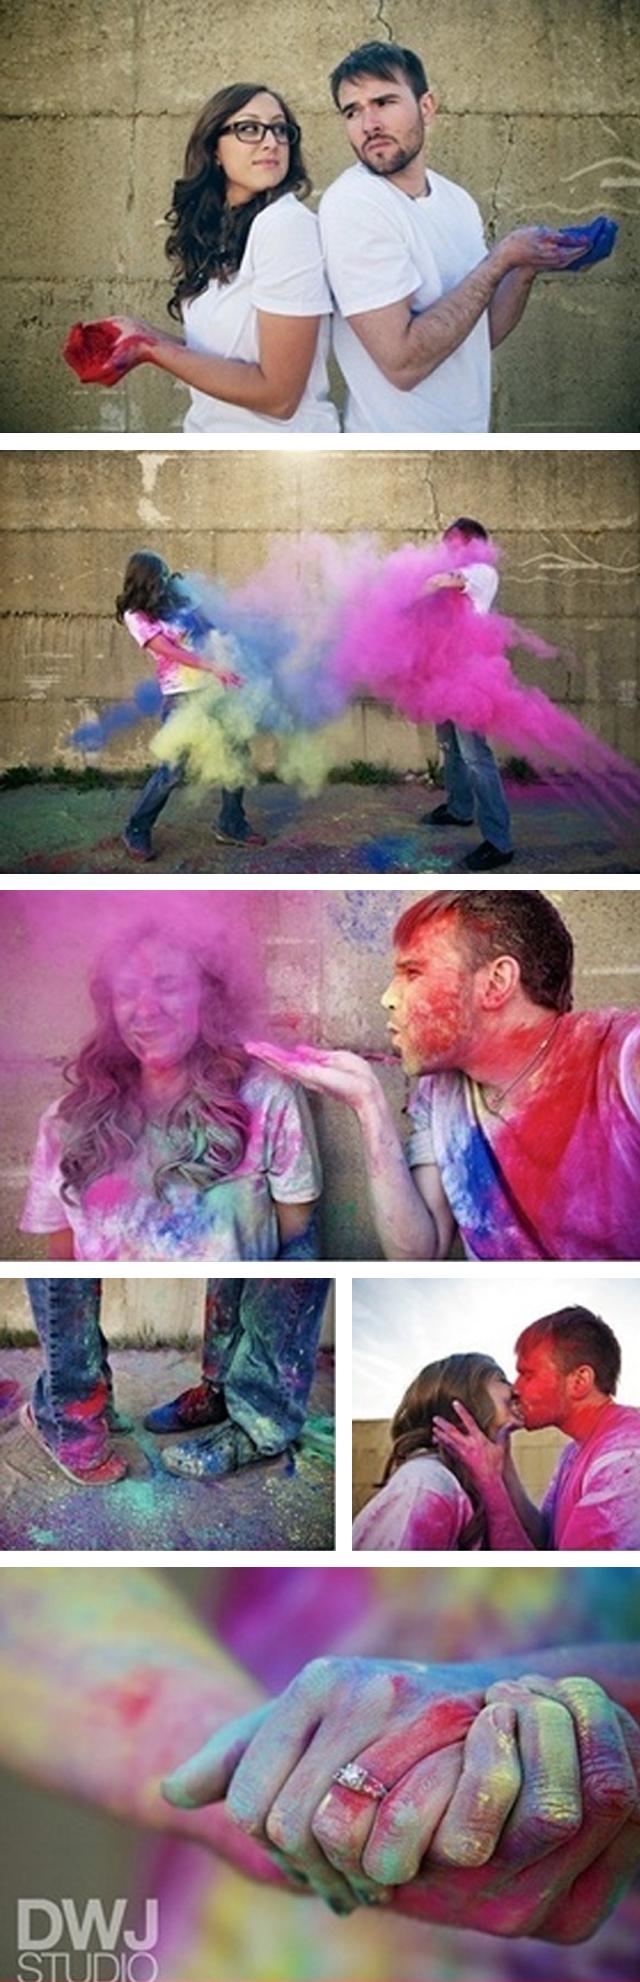 Engagement-Shoot-Ideas-~-Paint